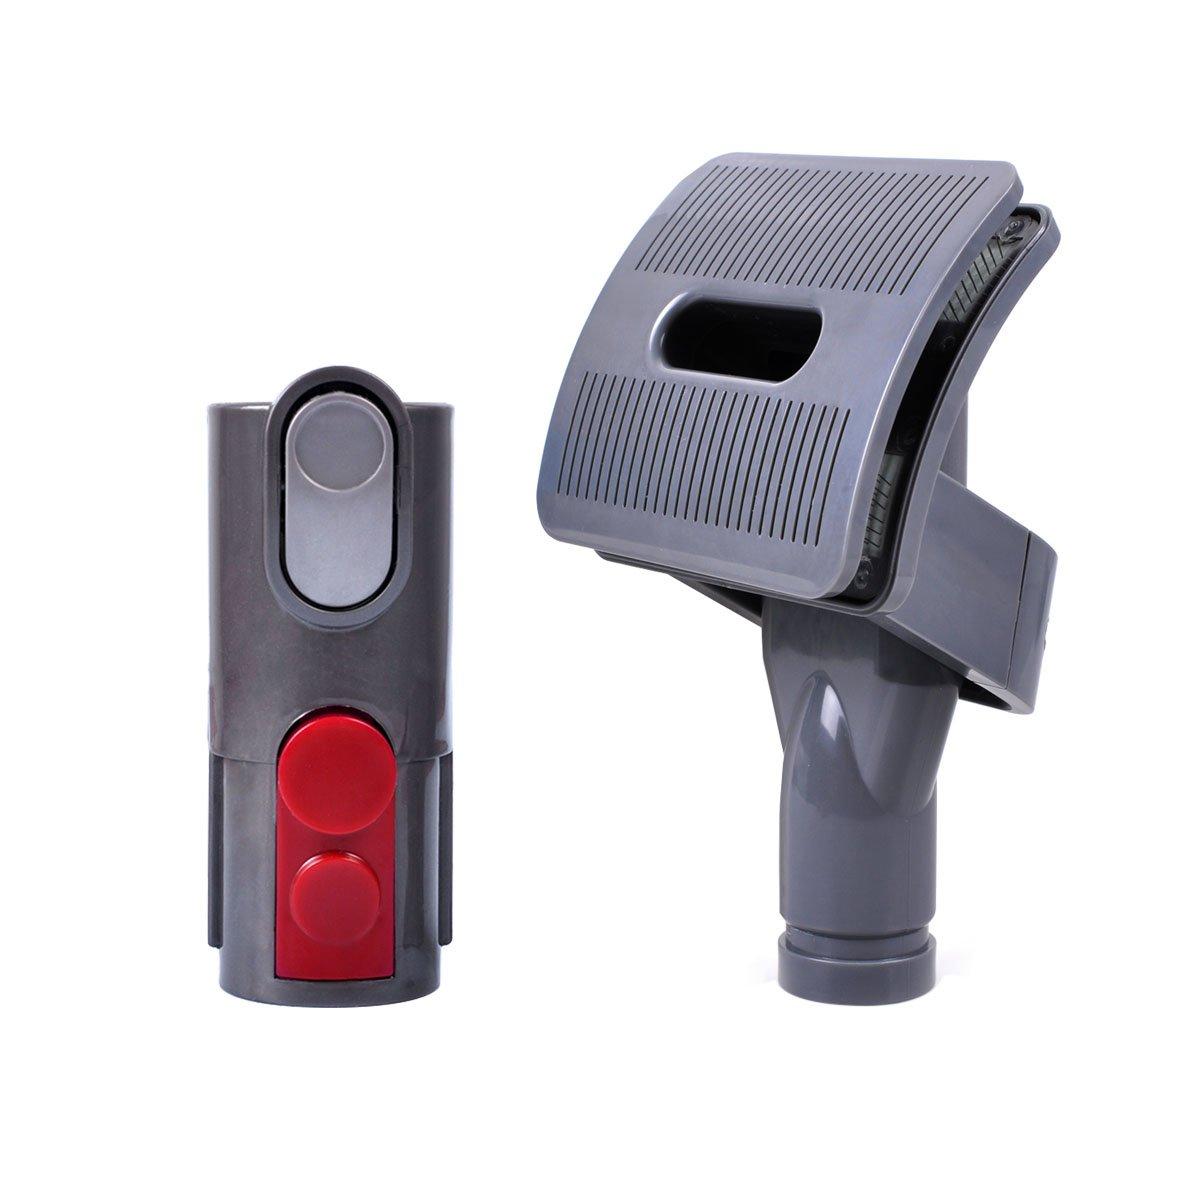 KEEPOW Groom Tool Dog Pet Cleaning Brush for Dyson V7, V8, V10 Animal Allergy Vacuum Cleaner